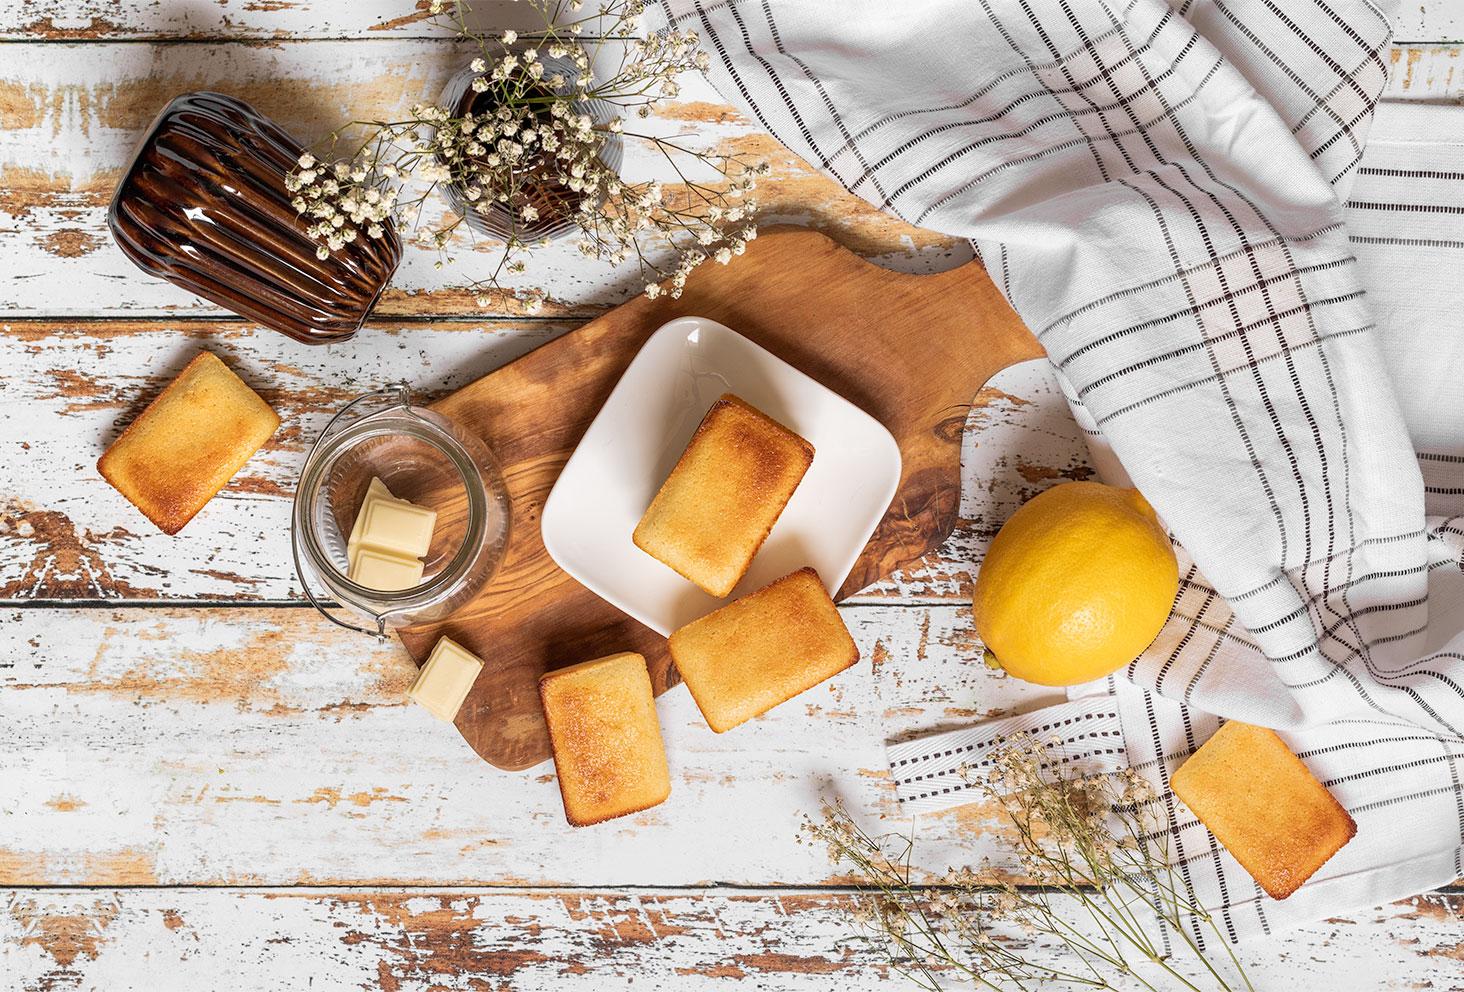 Stylisme culinaire en flatlay pour une recette de financiers au citron, sur une table en bois vintage à côté d'un torchon et de fleurs séchées